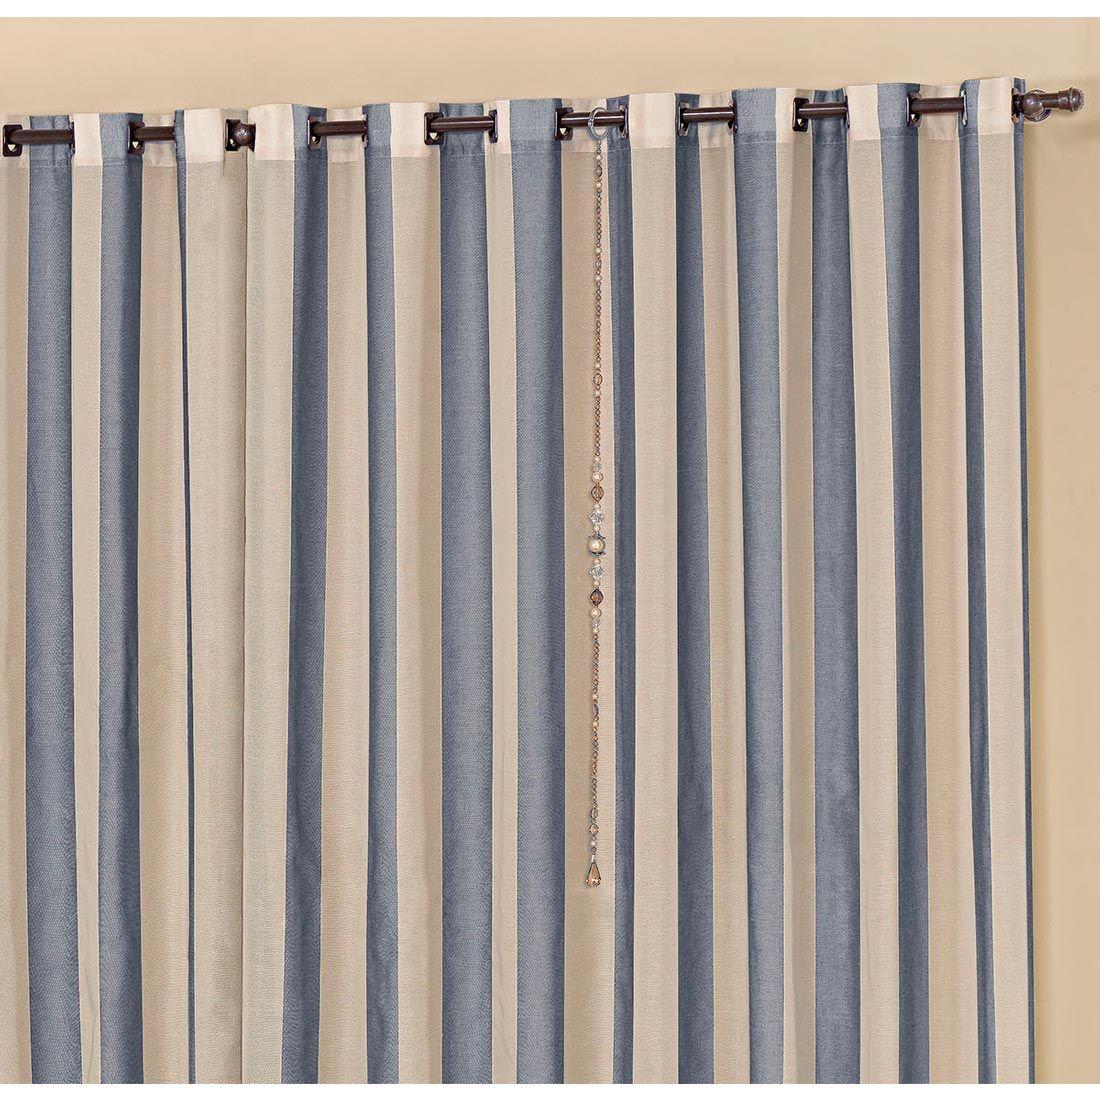 Cortina para Varão Laion 3 Metros x 2,50 Metros Alt Tecido Linhão - Azul